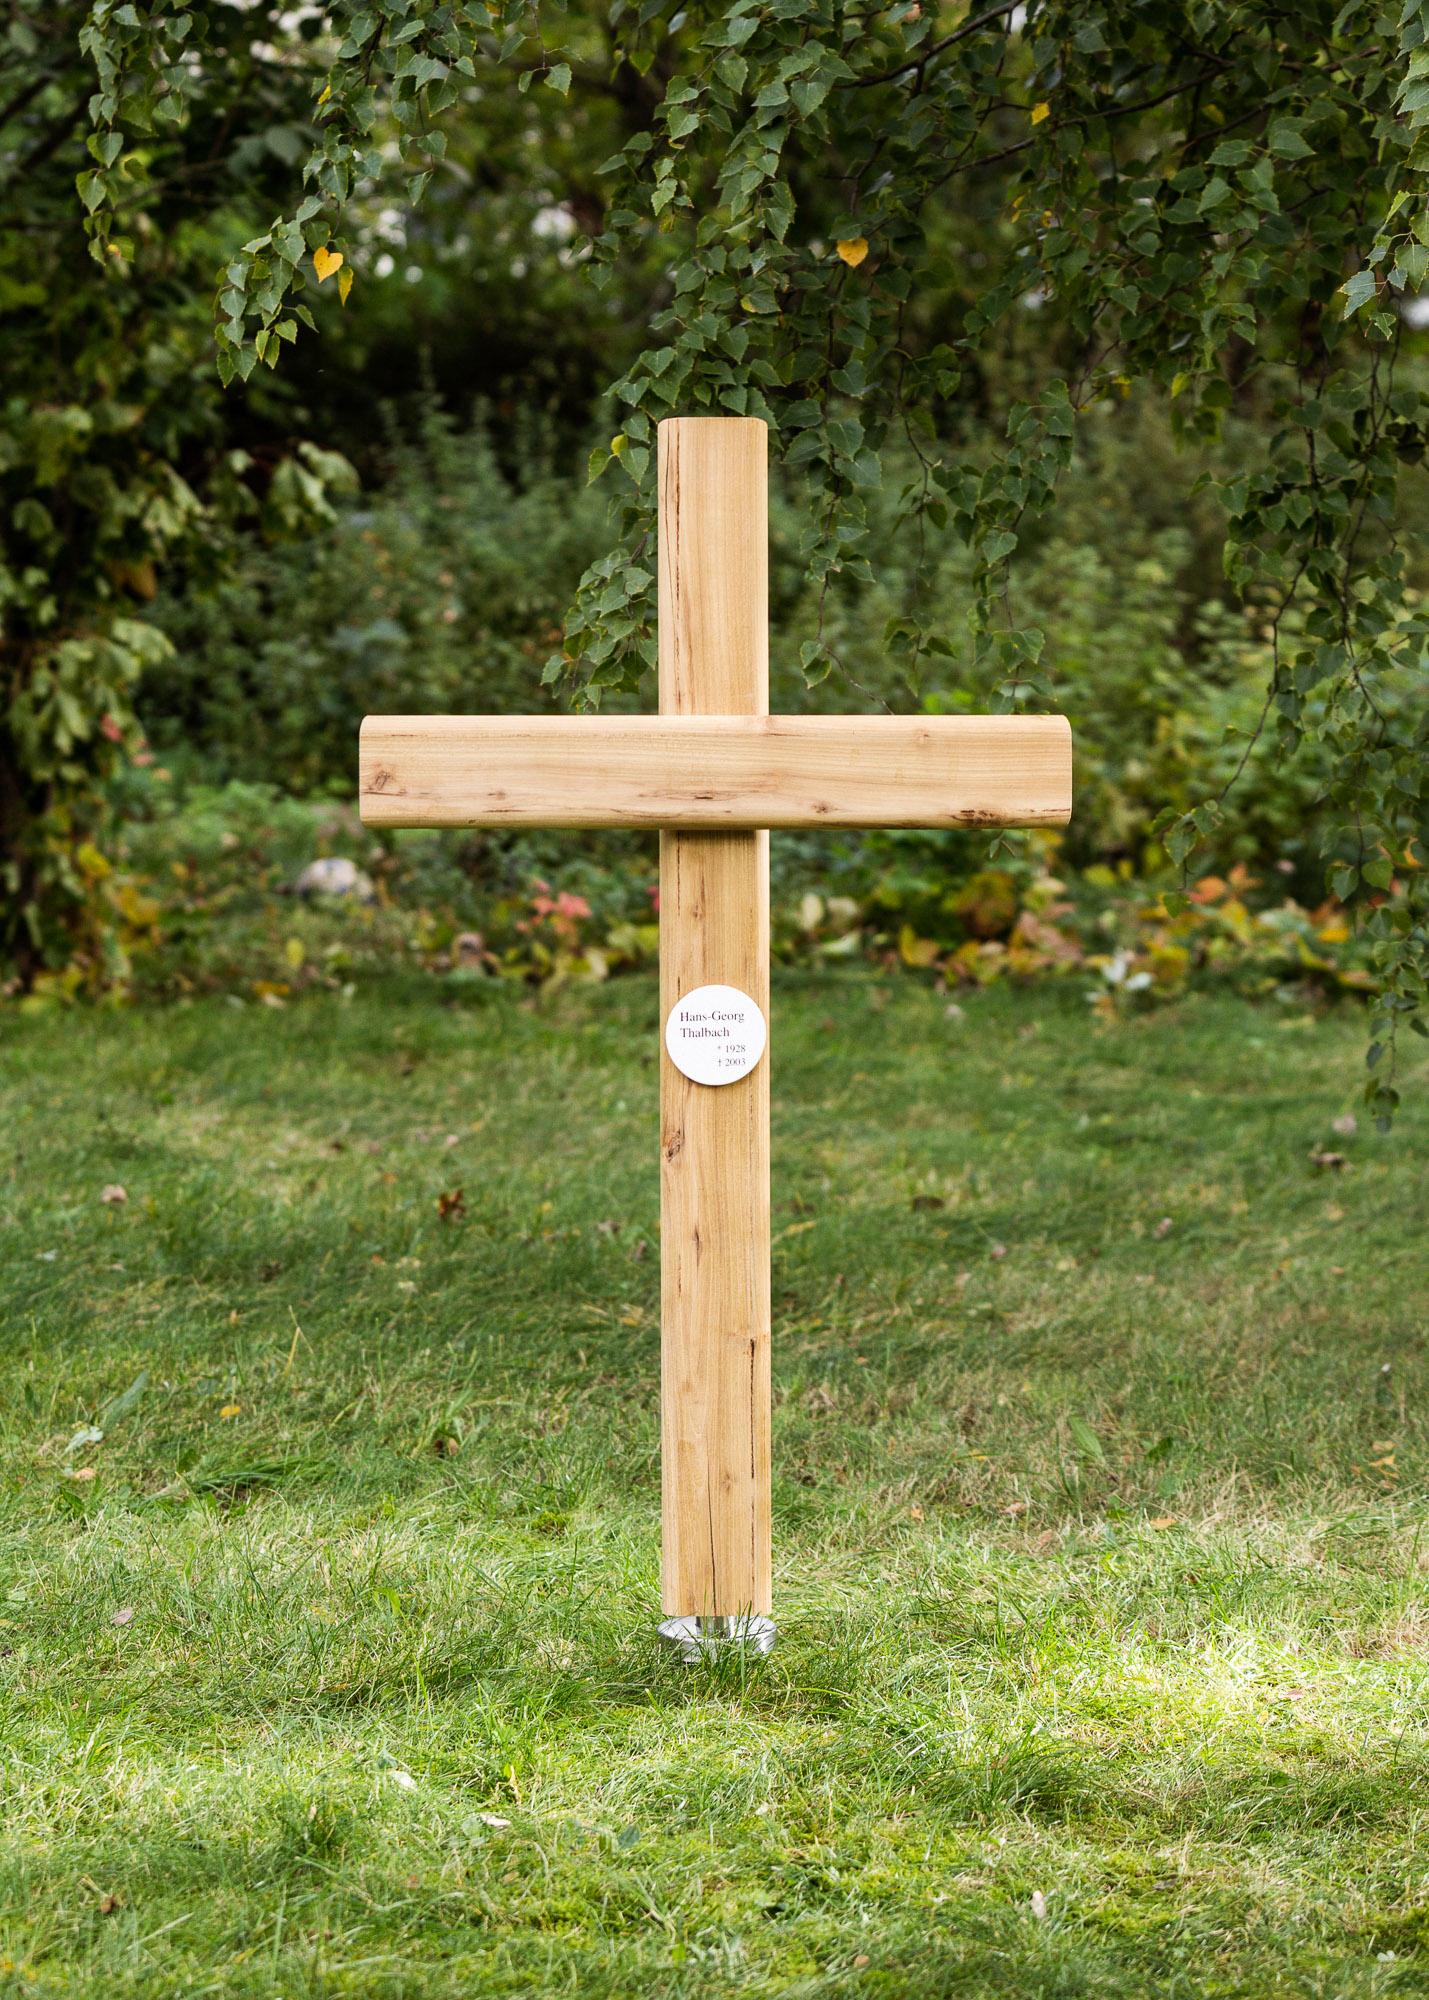 Holzkreuz mit kleiner rundem Emailleschild als Erdgrabmal